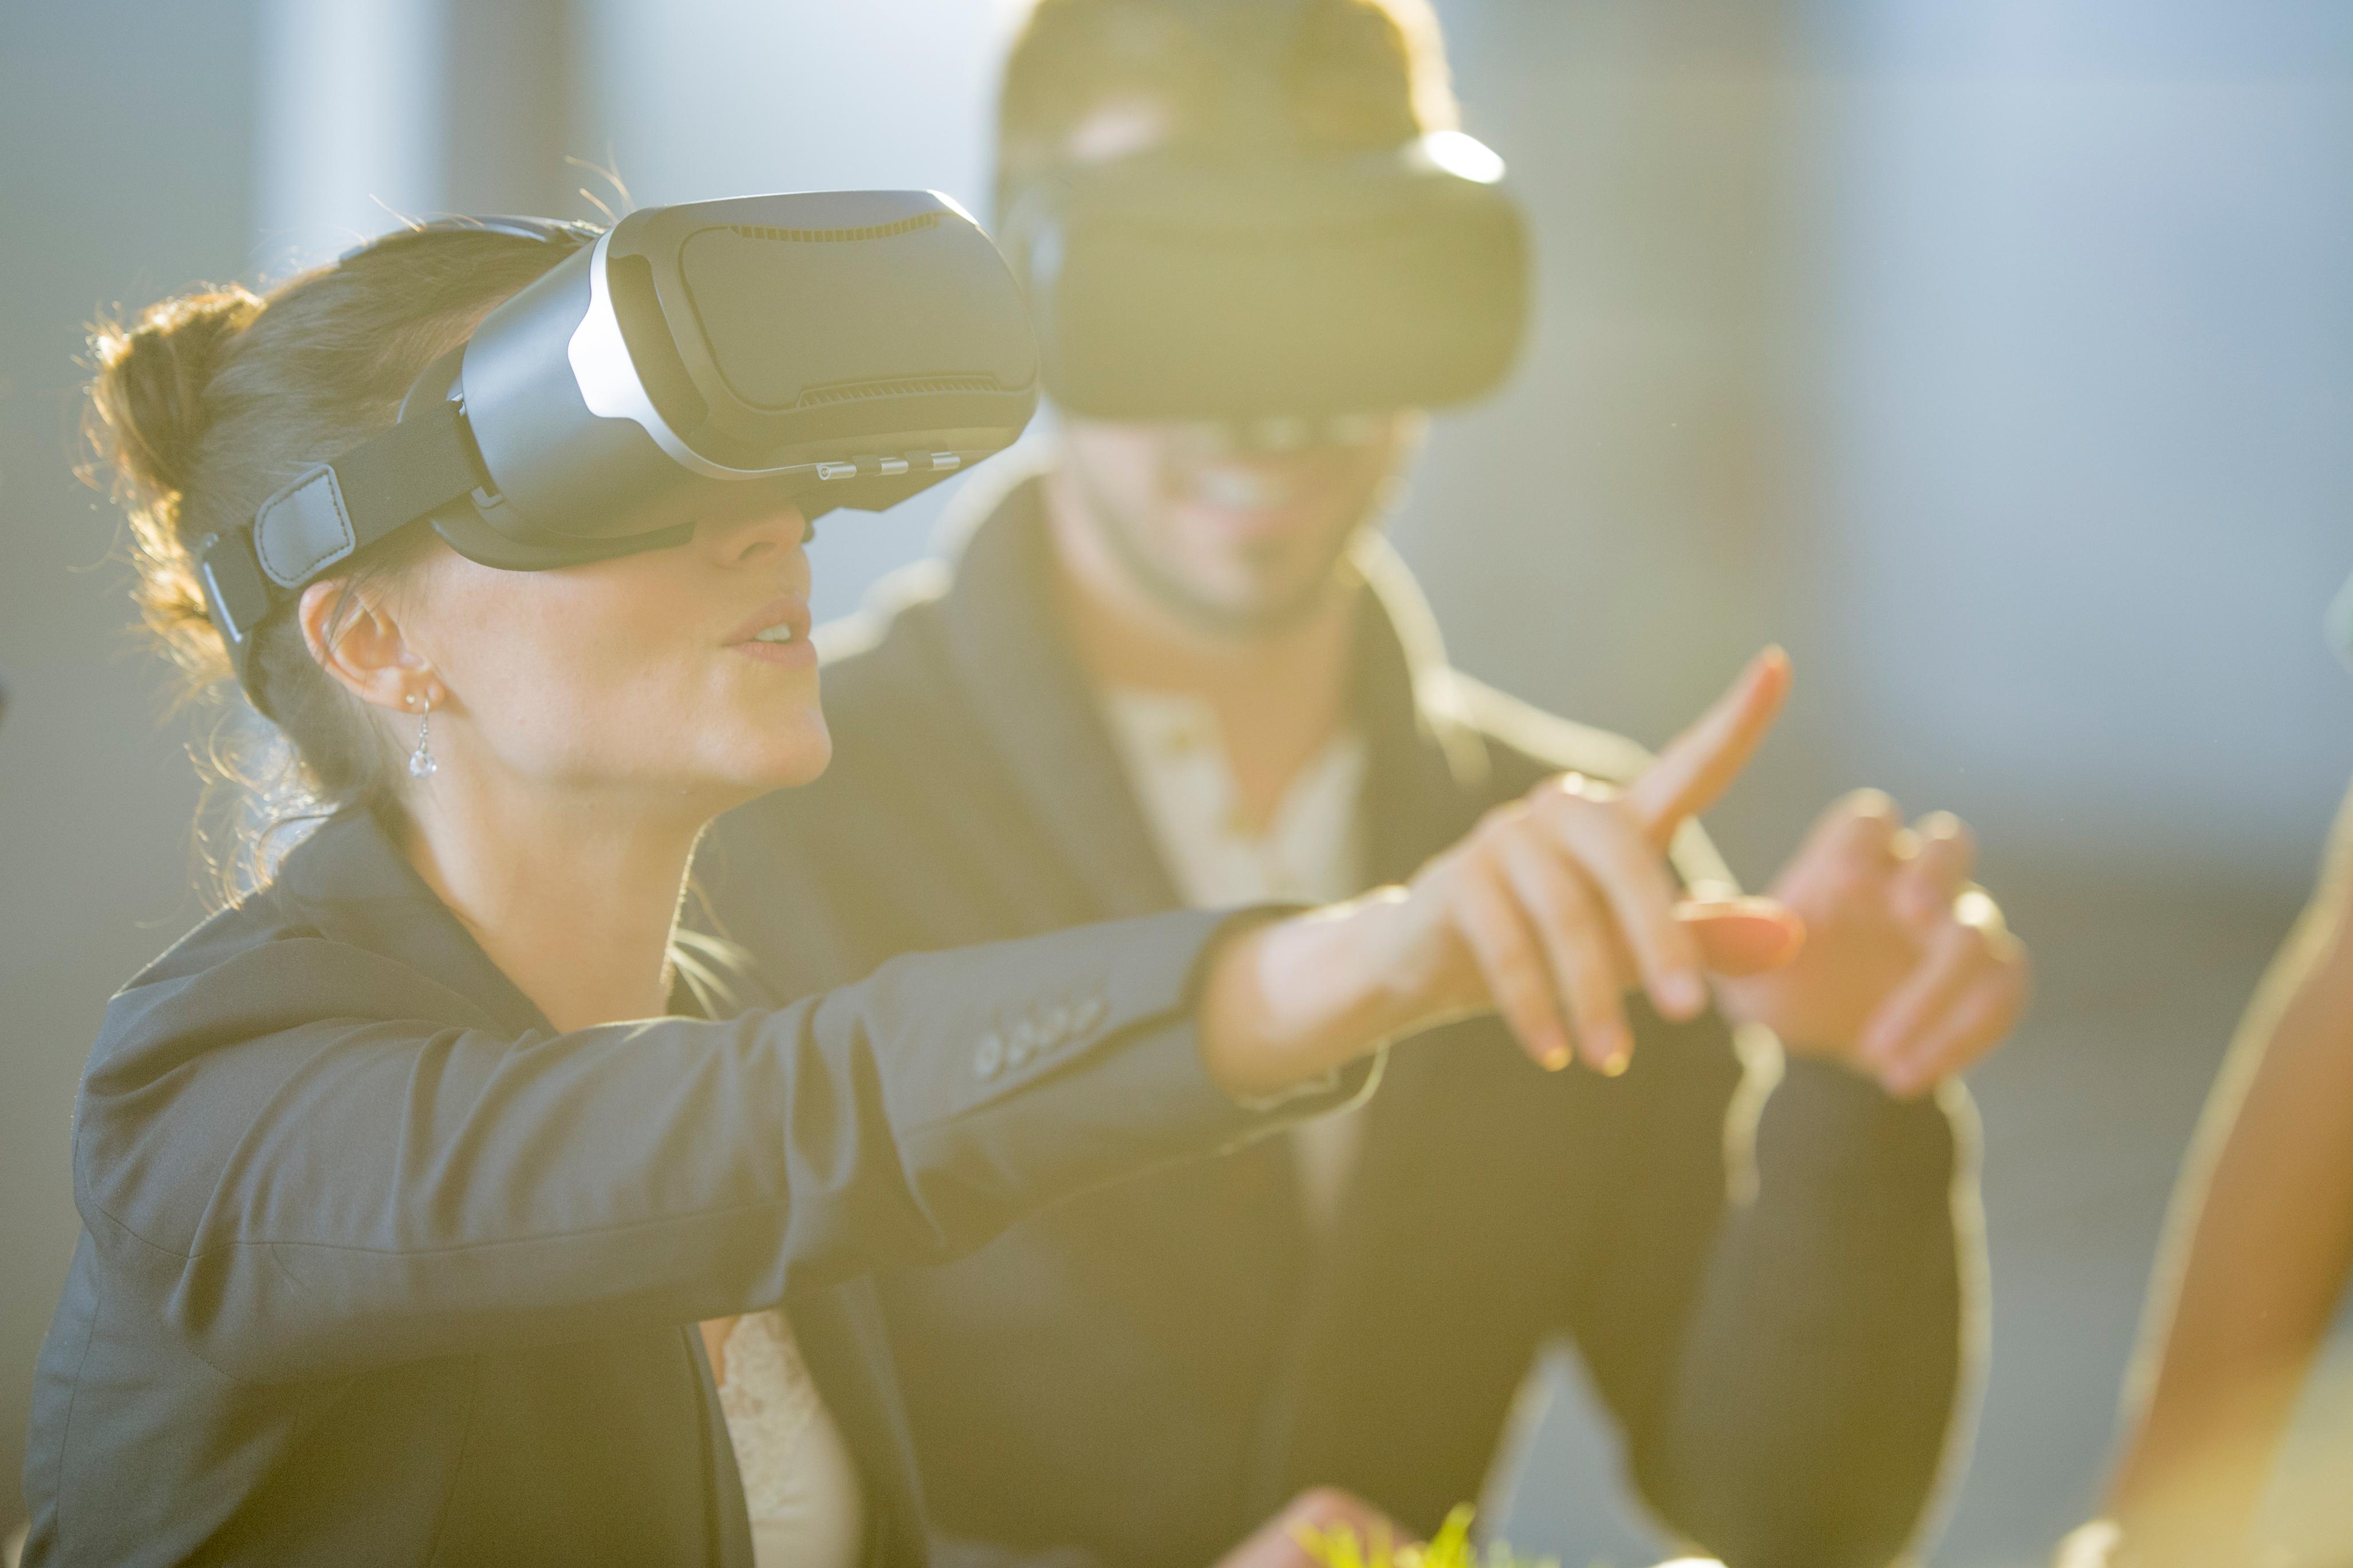 VR storytelling